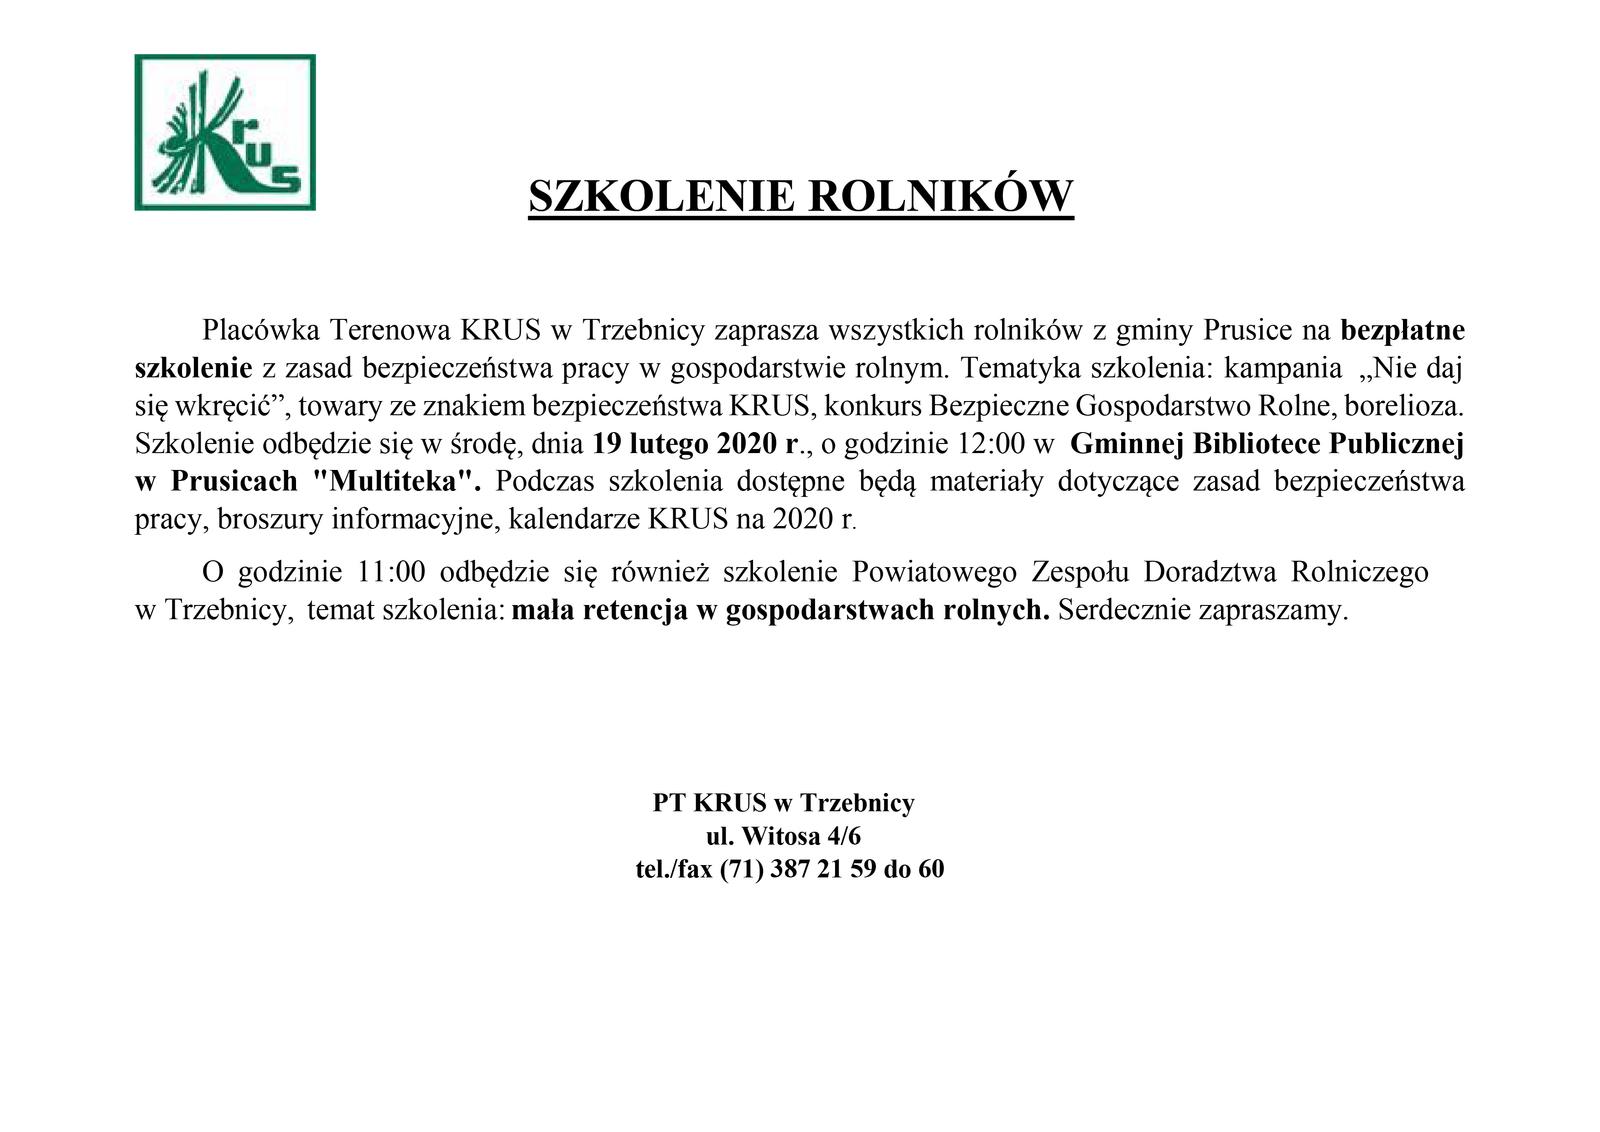 ZAPROSZENIE- szkolenie KRUS-Prusice-01.jpeg